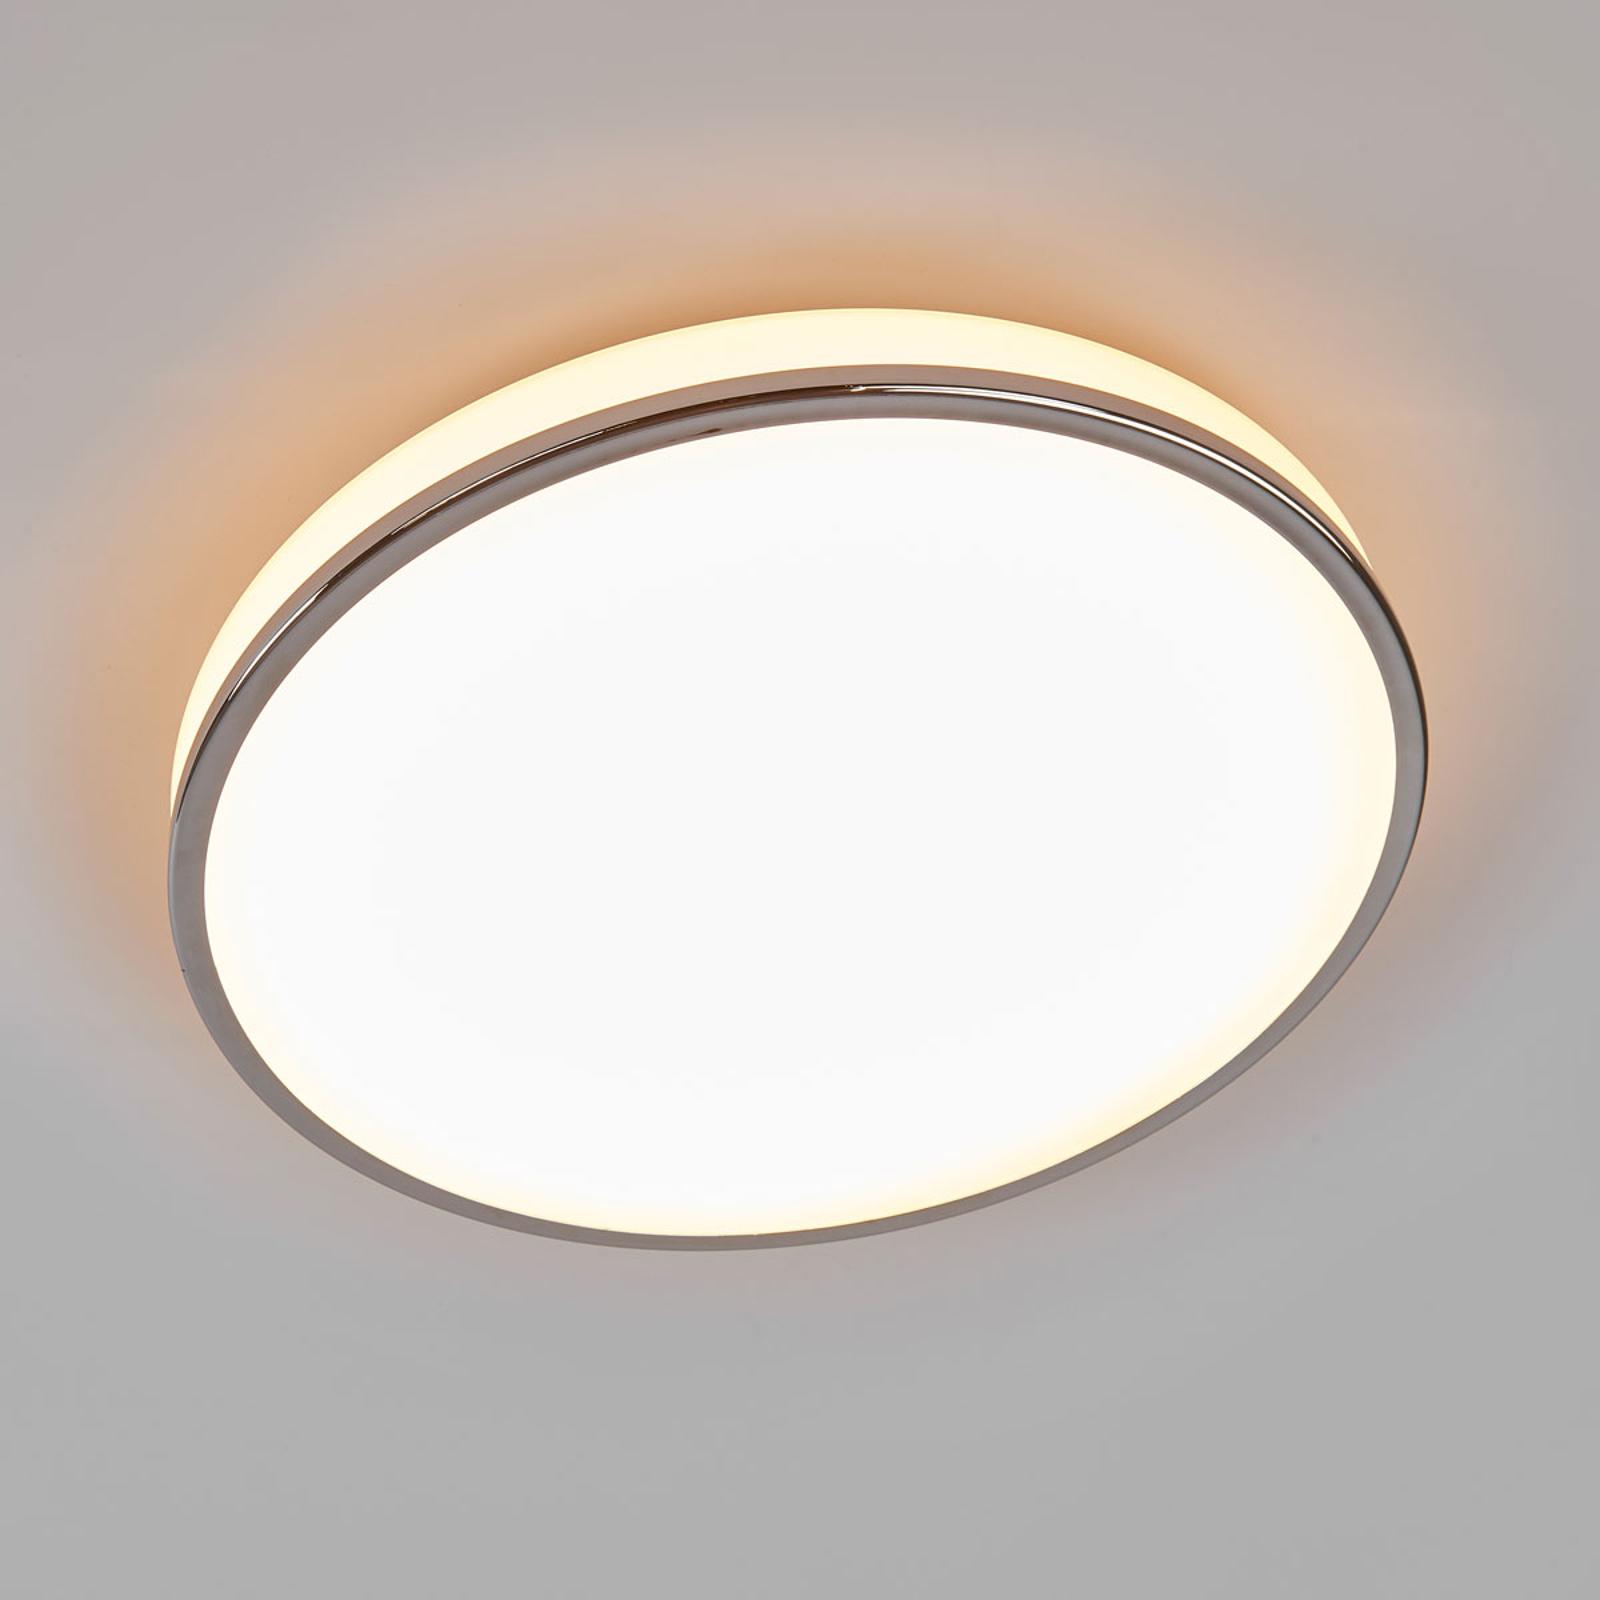 Badleuchte Lyss mit LEDs und guter Leuchtkraft